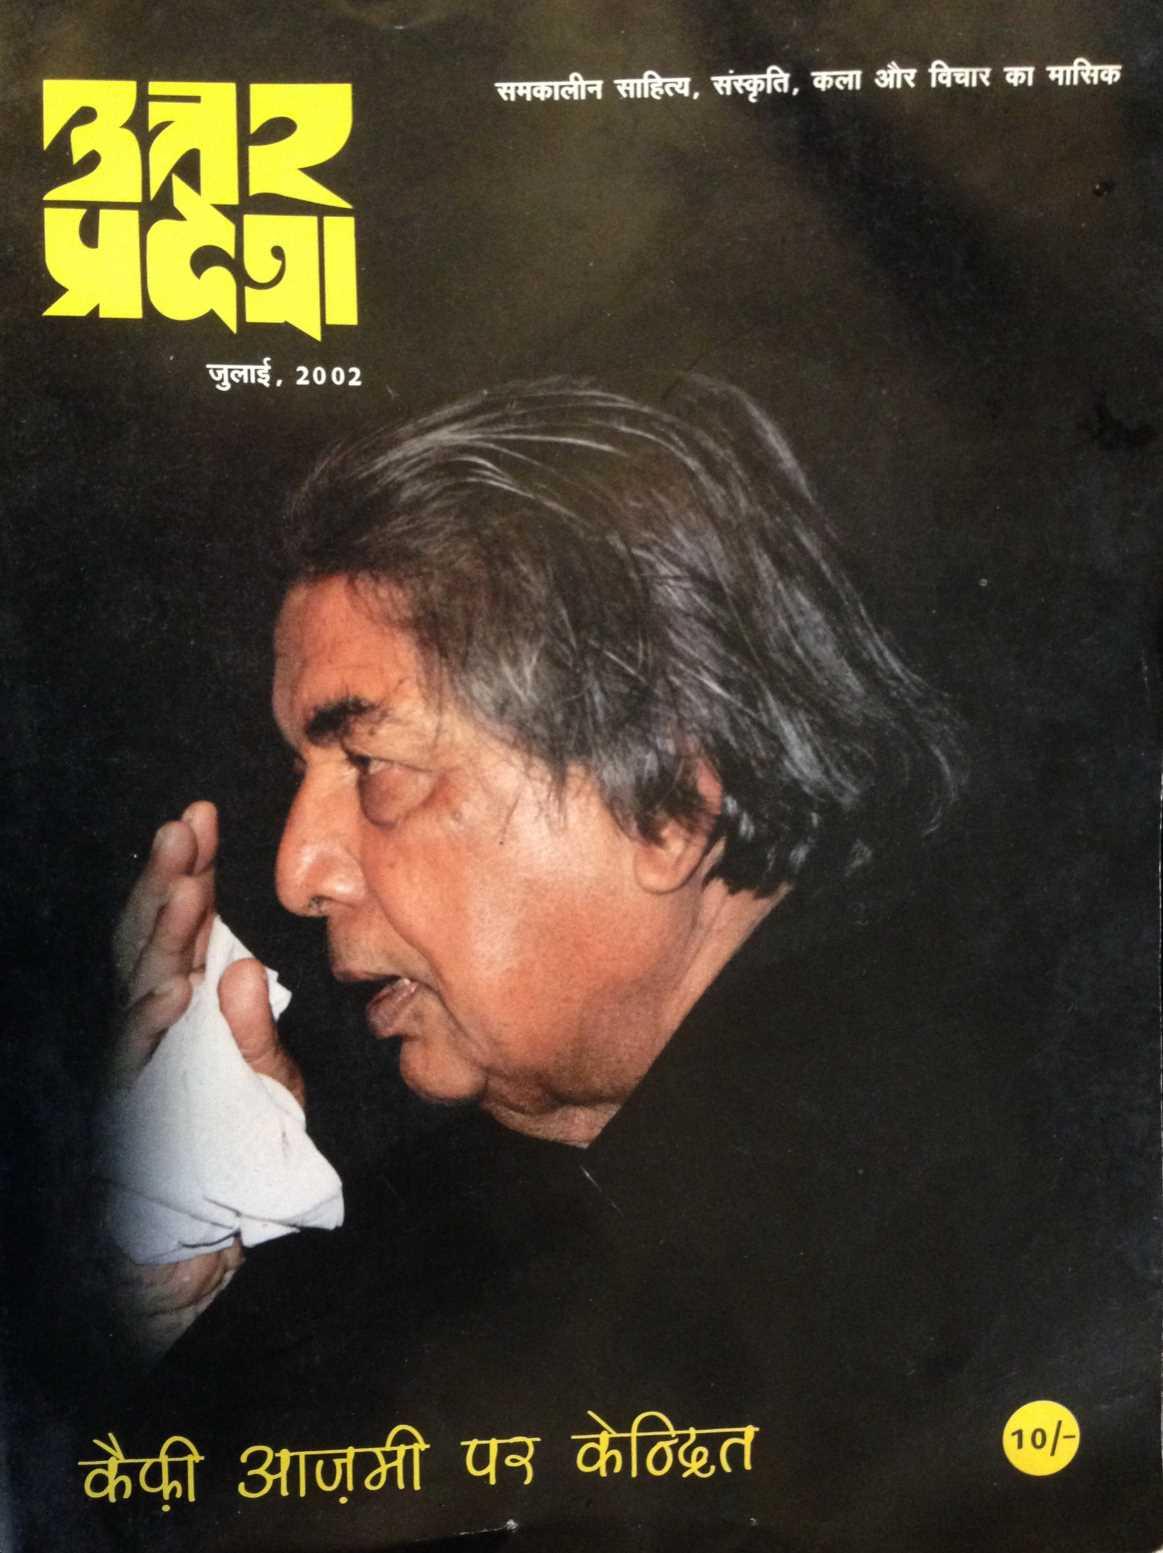 Uttar Pradesh for Kaifi Azmi